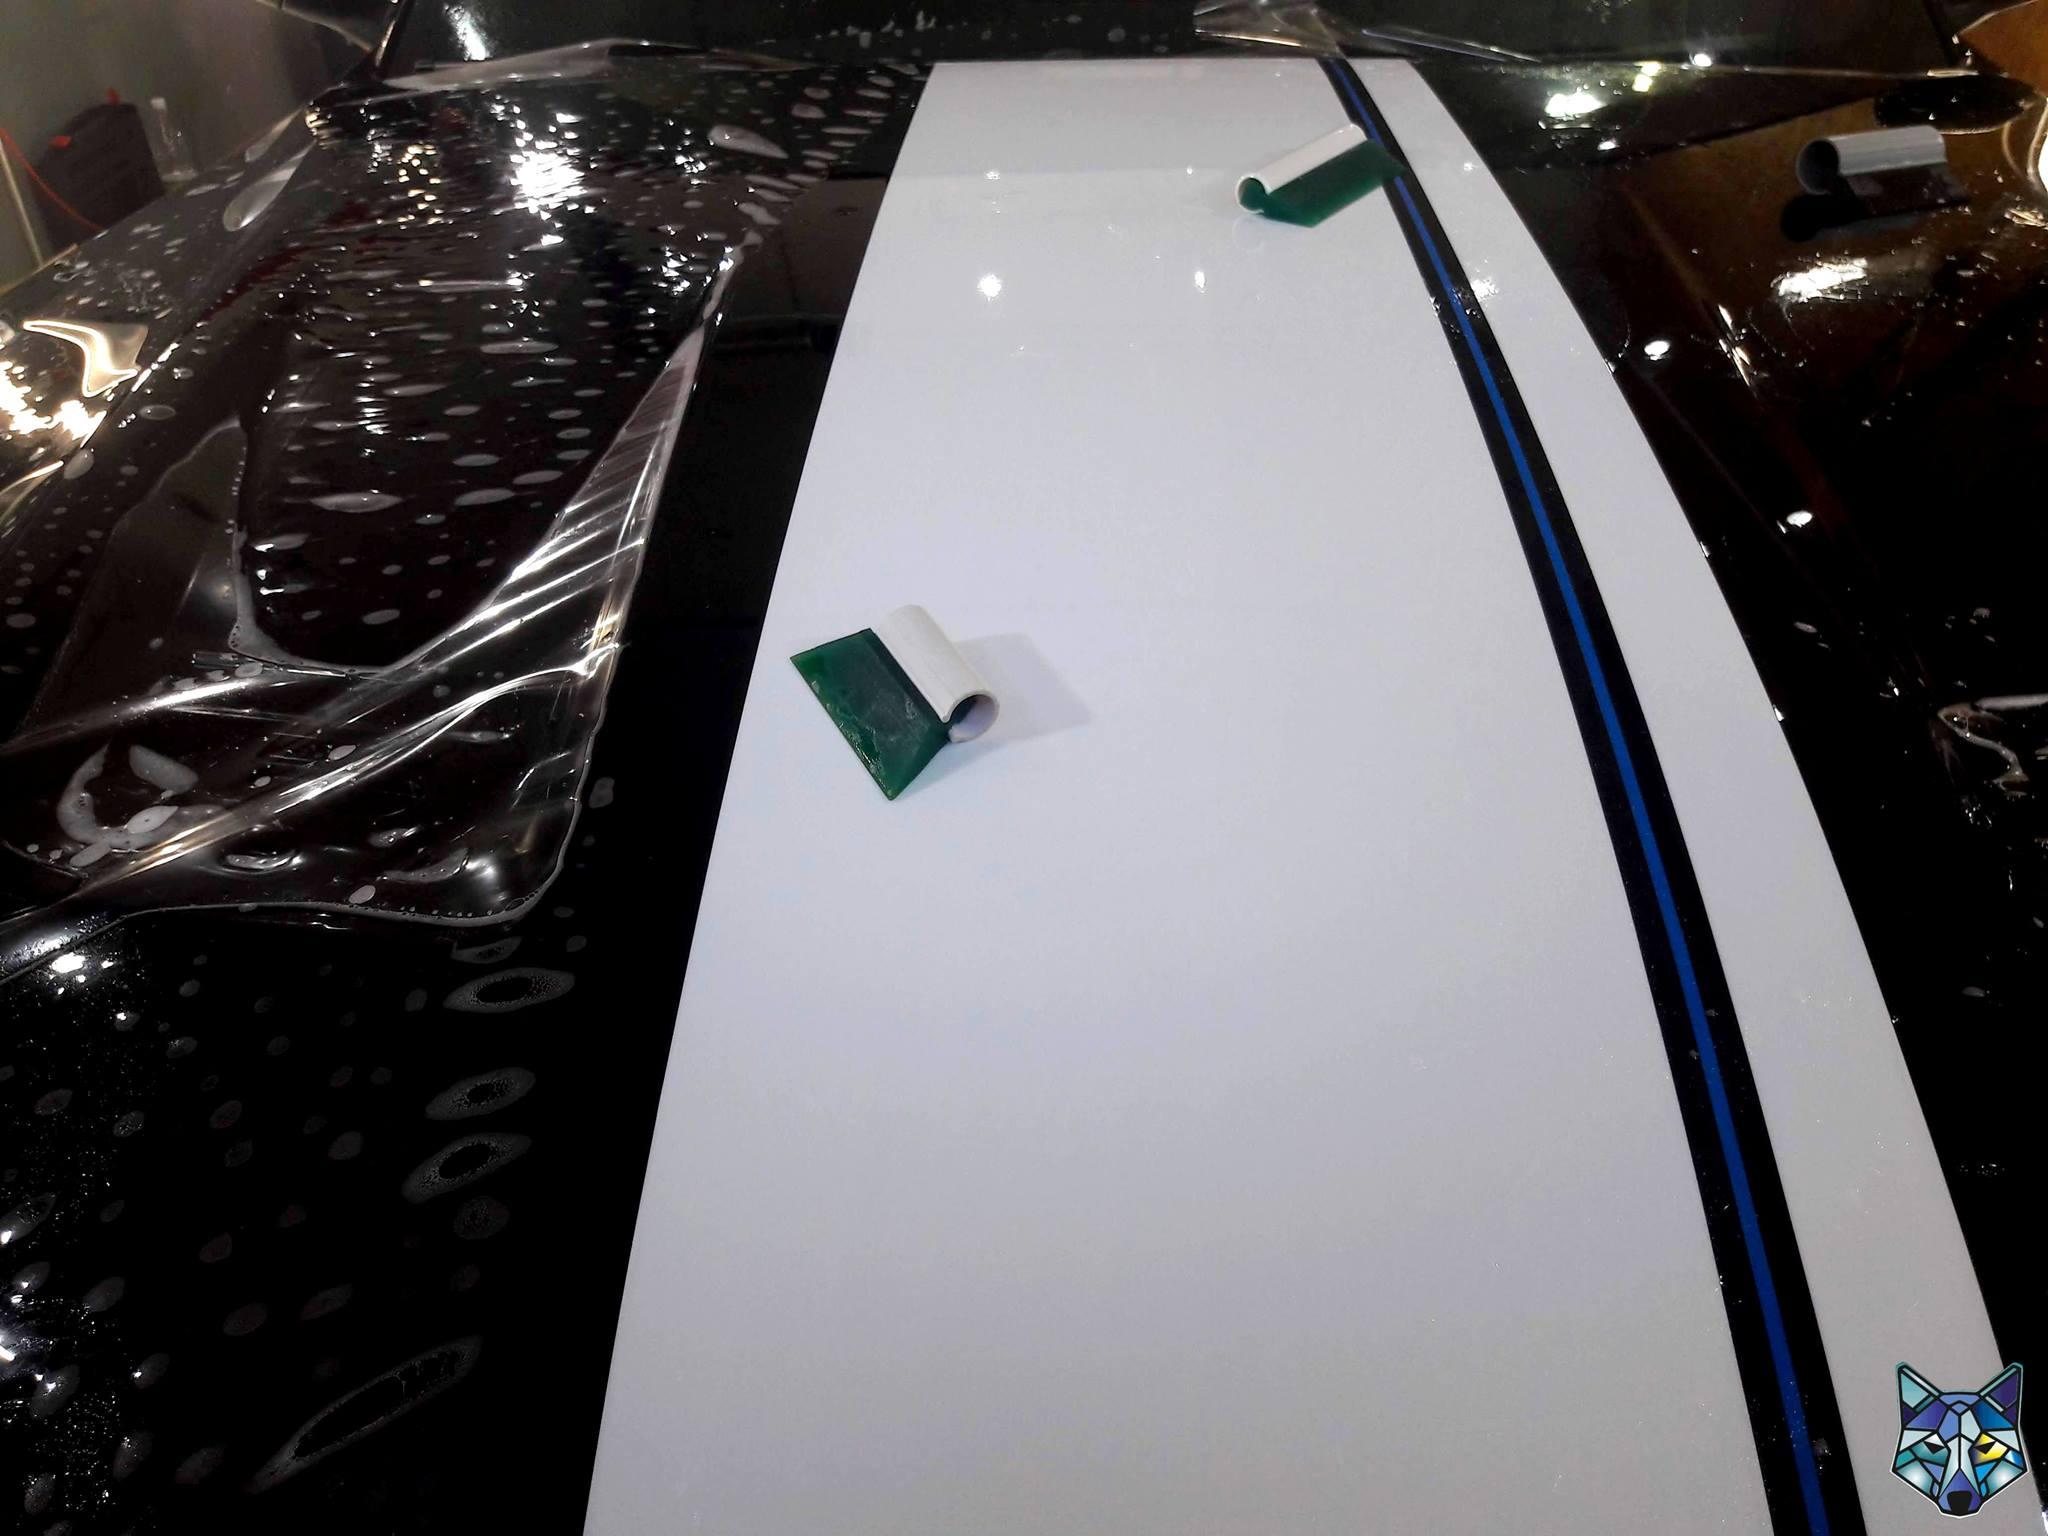 Oklejanie samochodów, ochrona lakieru Ford Mustang